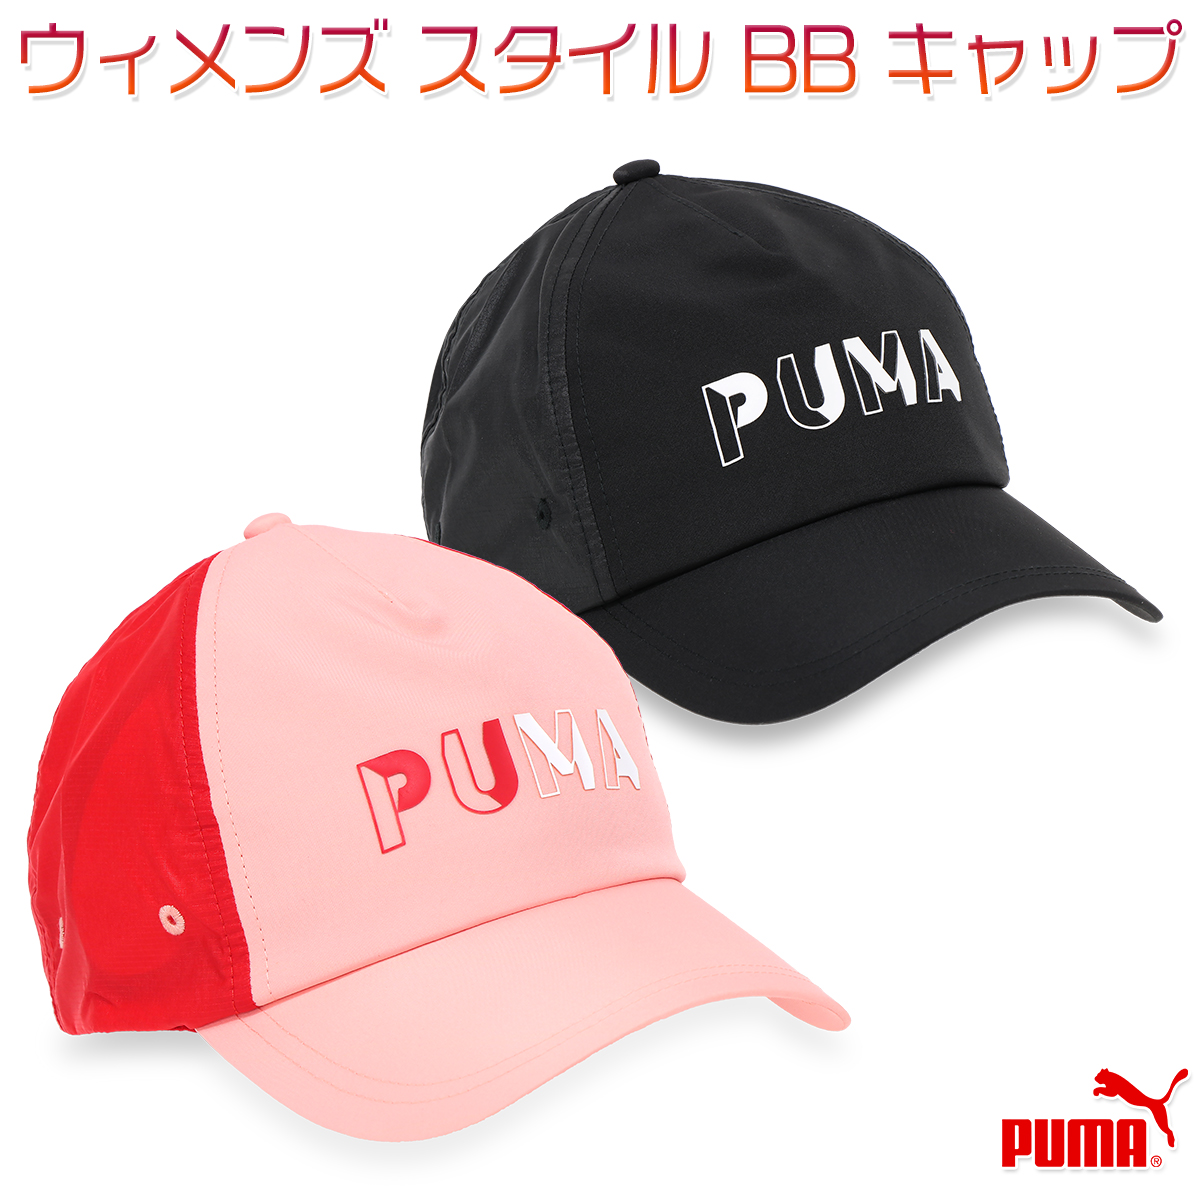 プーマ puma キャップ 帽子 ベースボールキャップ レディース 軽量 プーマ/PUMA ウィメンズ スタイル BB キャップ レディース キャップ ブラック/ピンク/レッド 57-60cm 023130